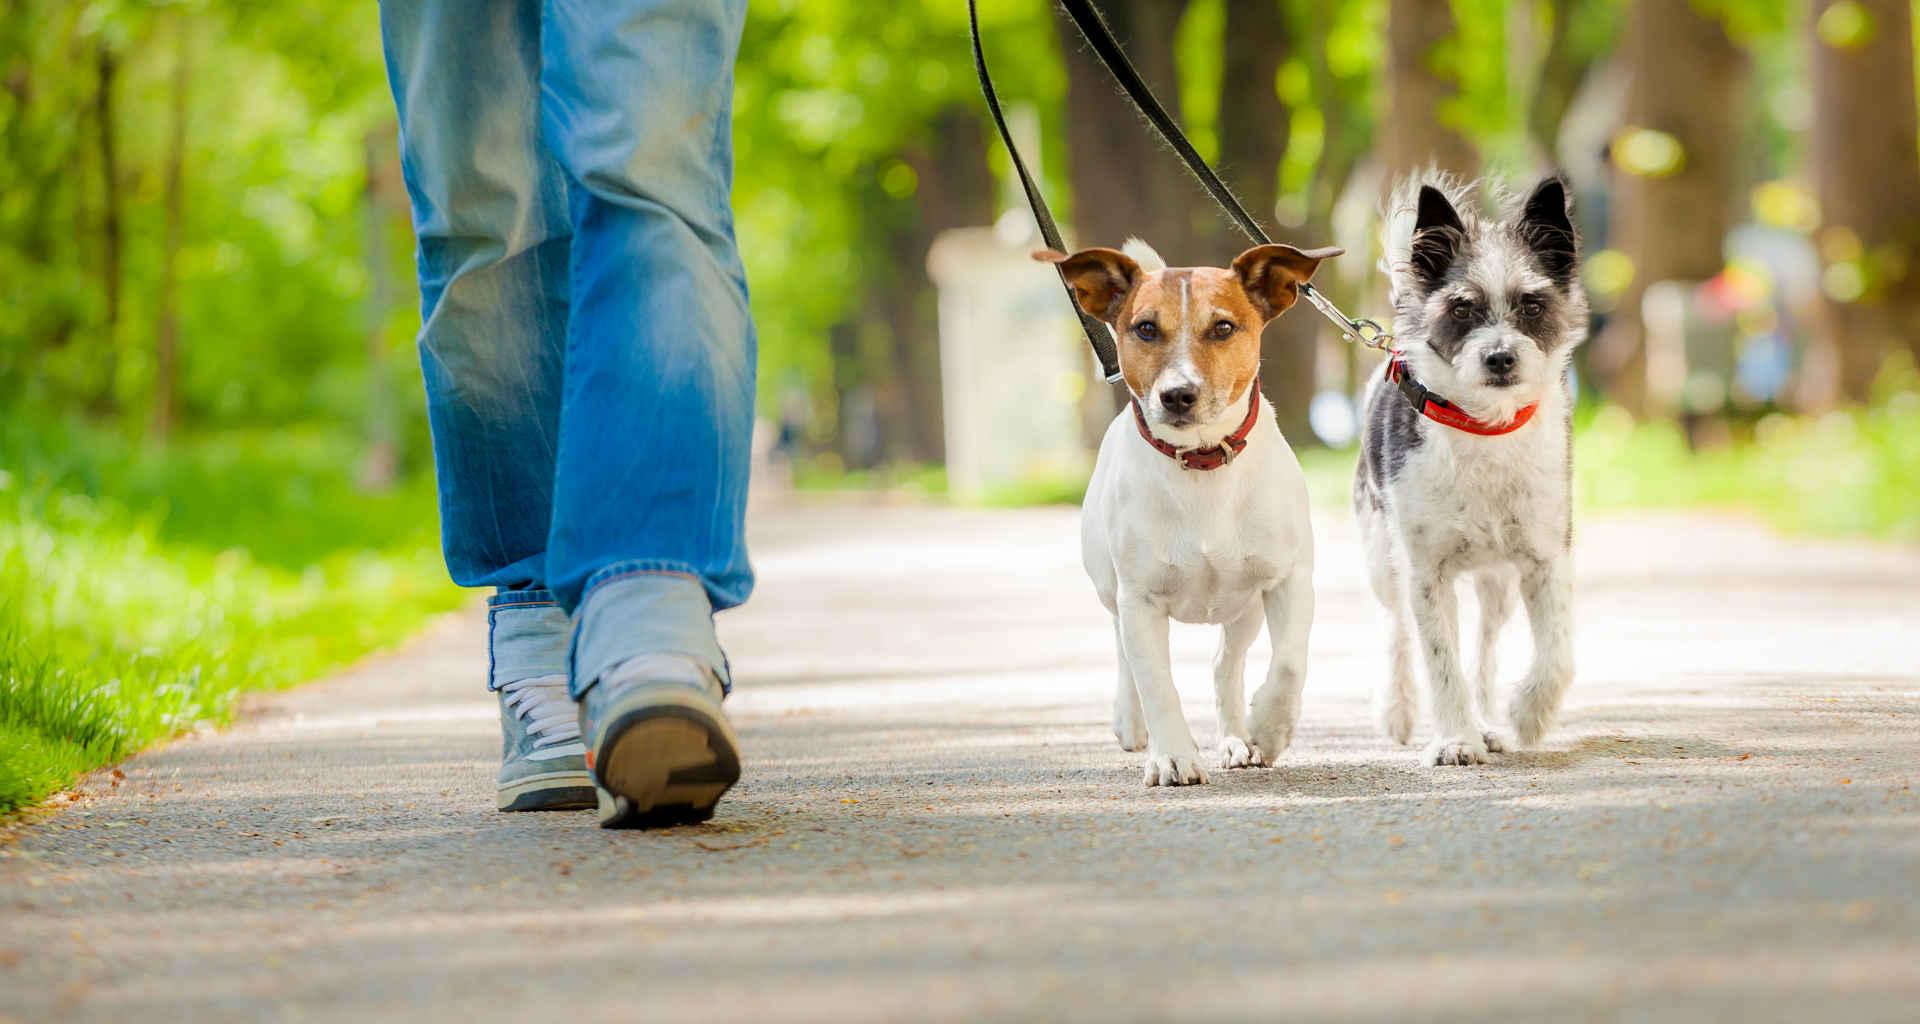 Iščete sprehajalca psov? Pomagali vam bomo najti pravega sprehajalca za vašega psa